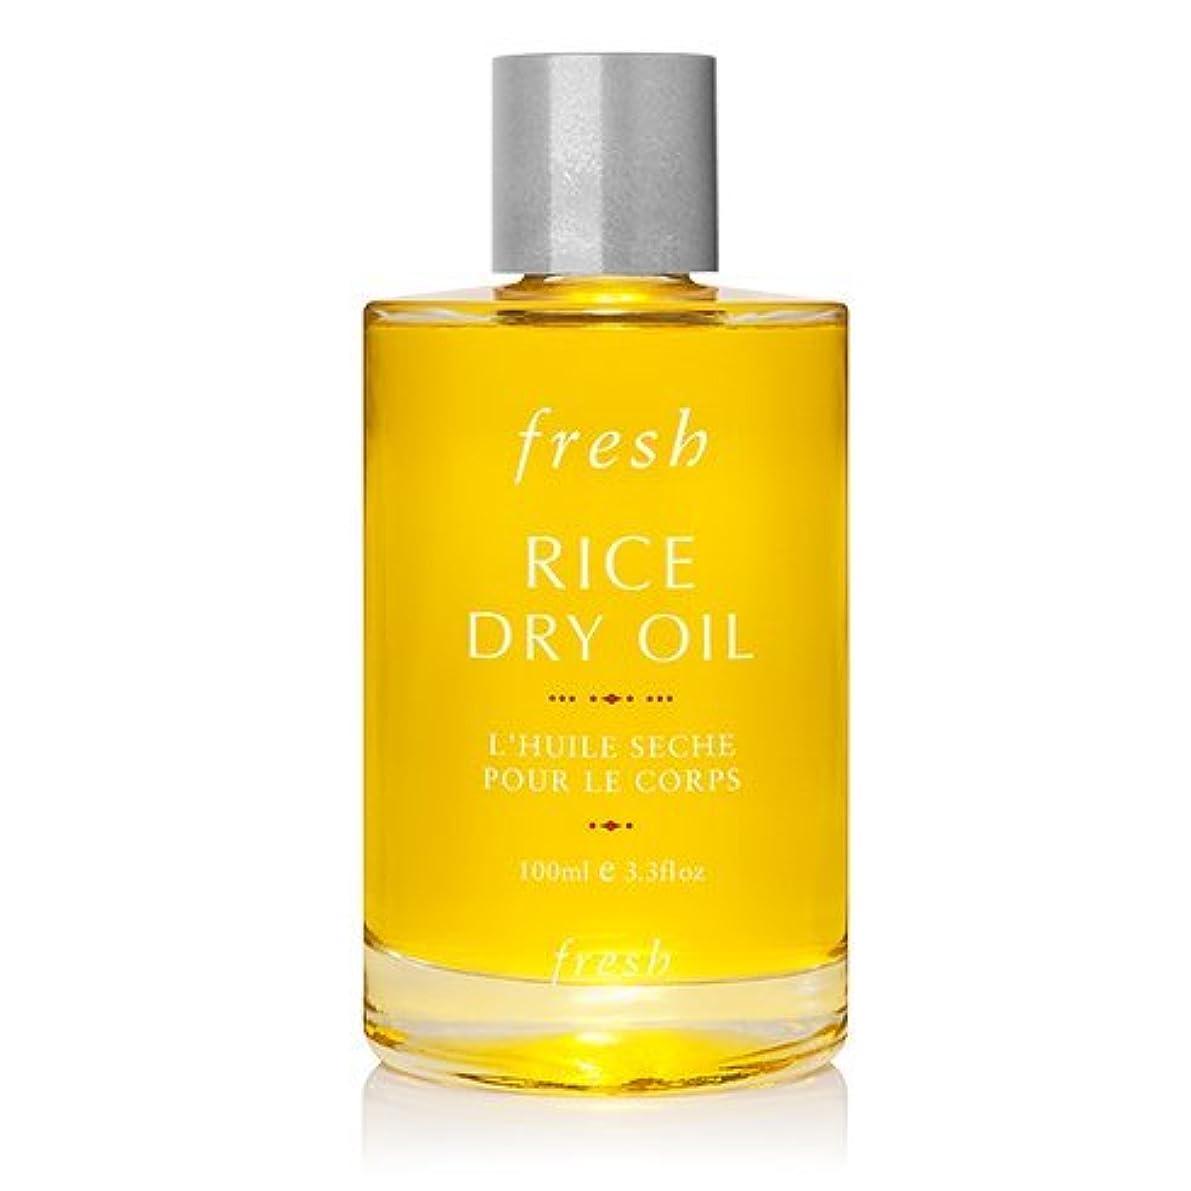 なくなるカビジャンルFresh RICE DRY OIL (フレッシュ ライス ドライ オイル) 3.4 oz (100ml) by Fresh for Women